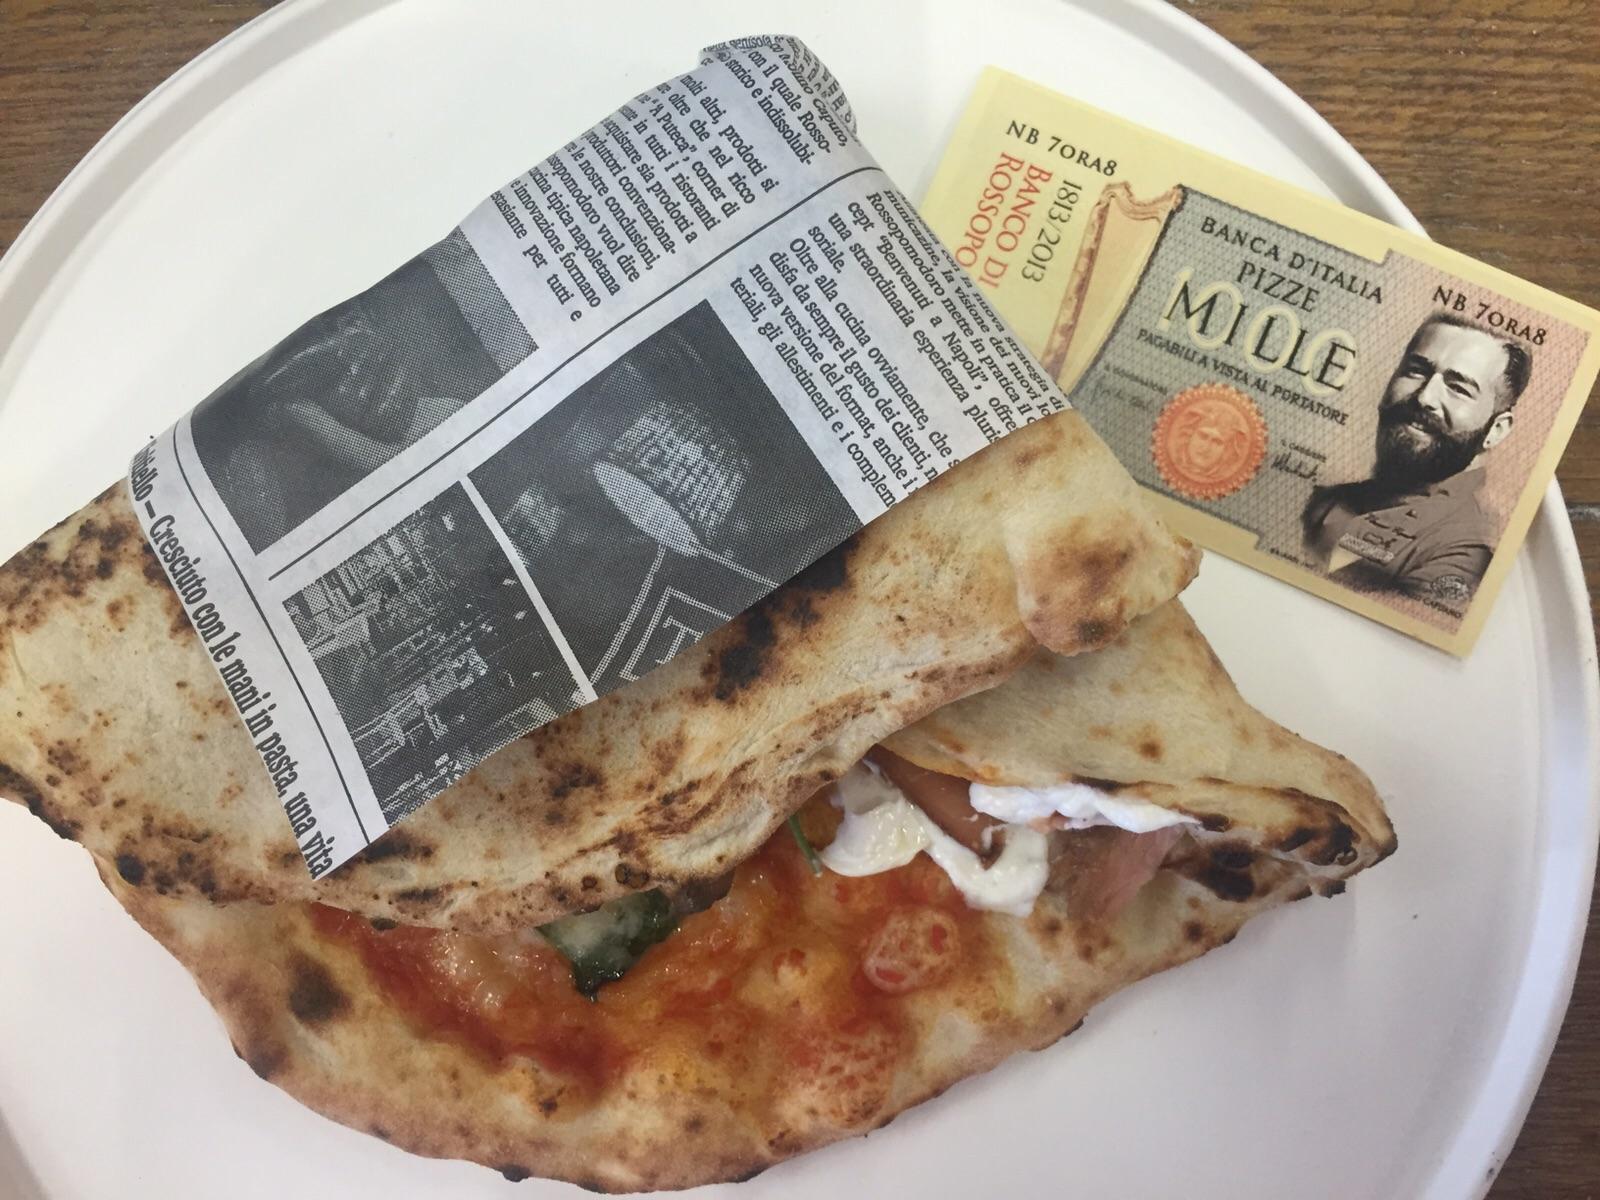 pizza mille lire